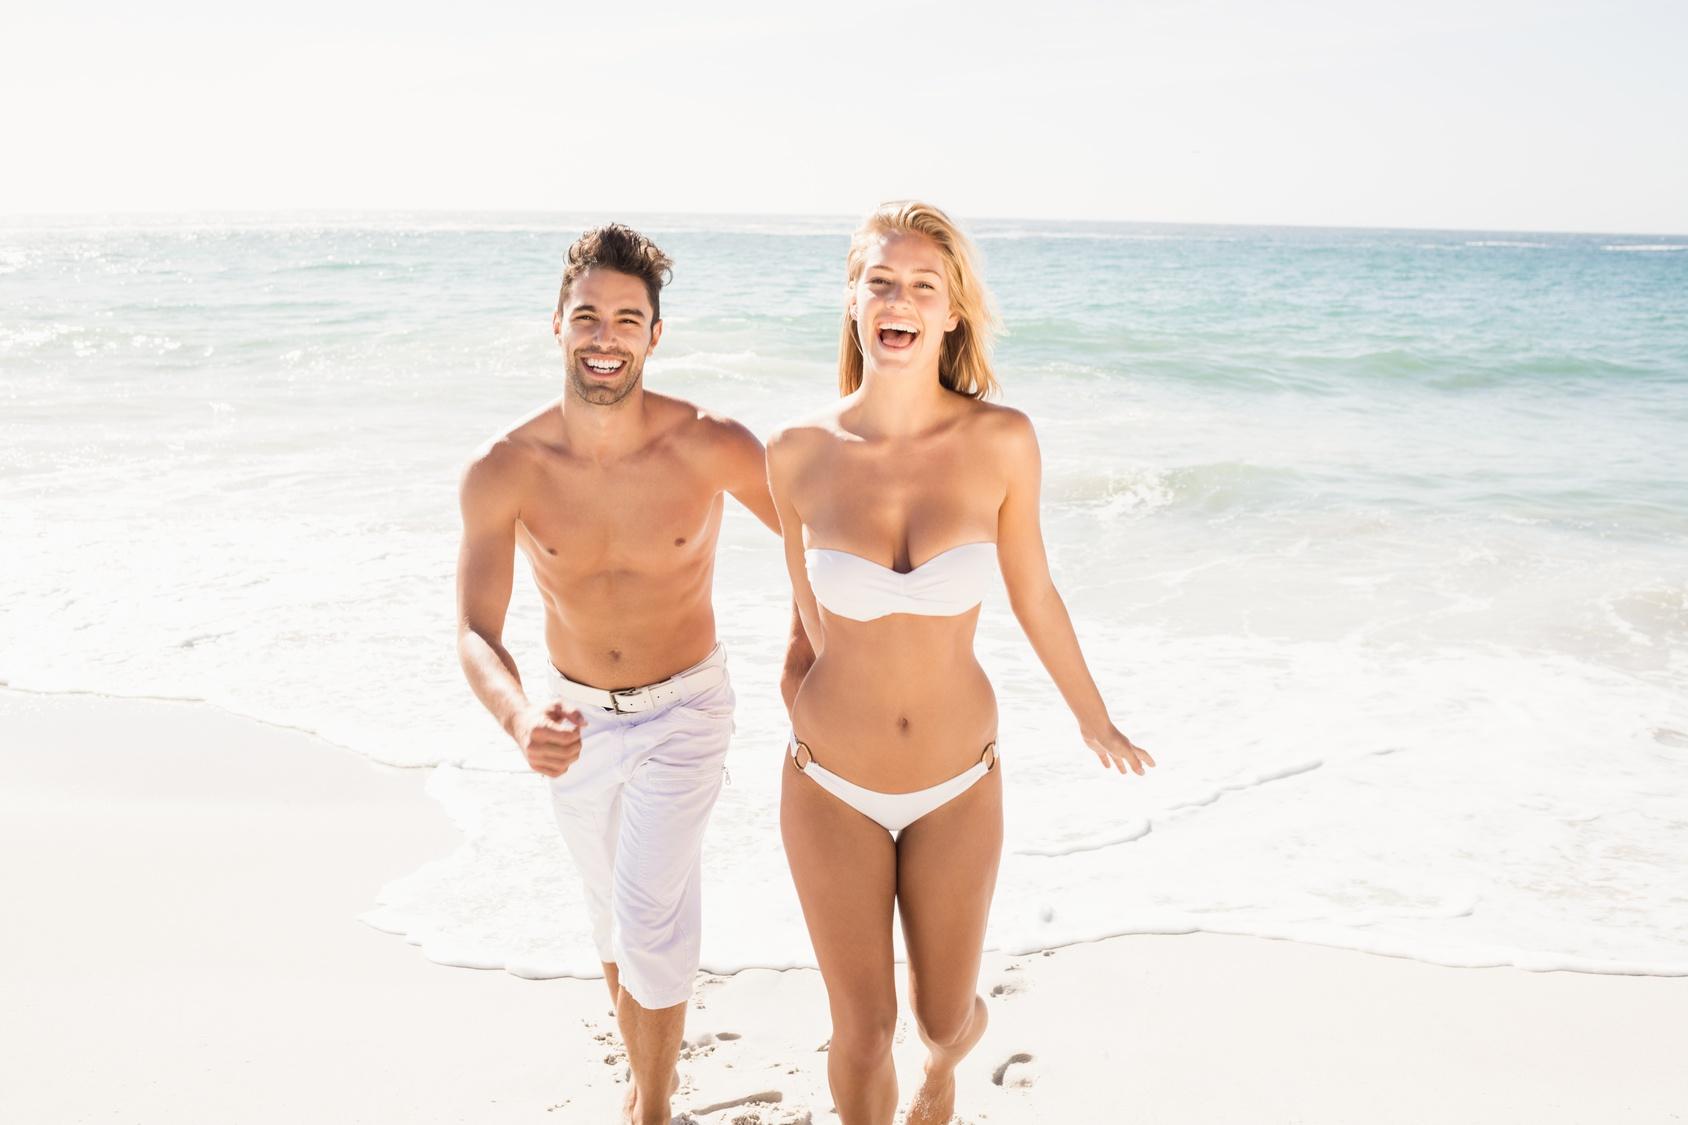 Brasilialainen sokerointi naiselle tai miehelle Lauttasaaressa alk. vain 35€ (säästä 53%)